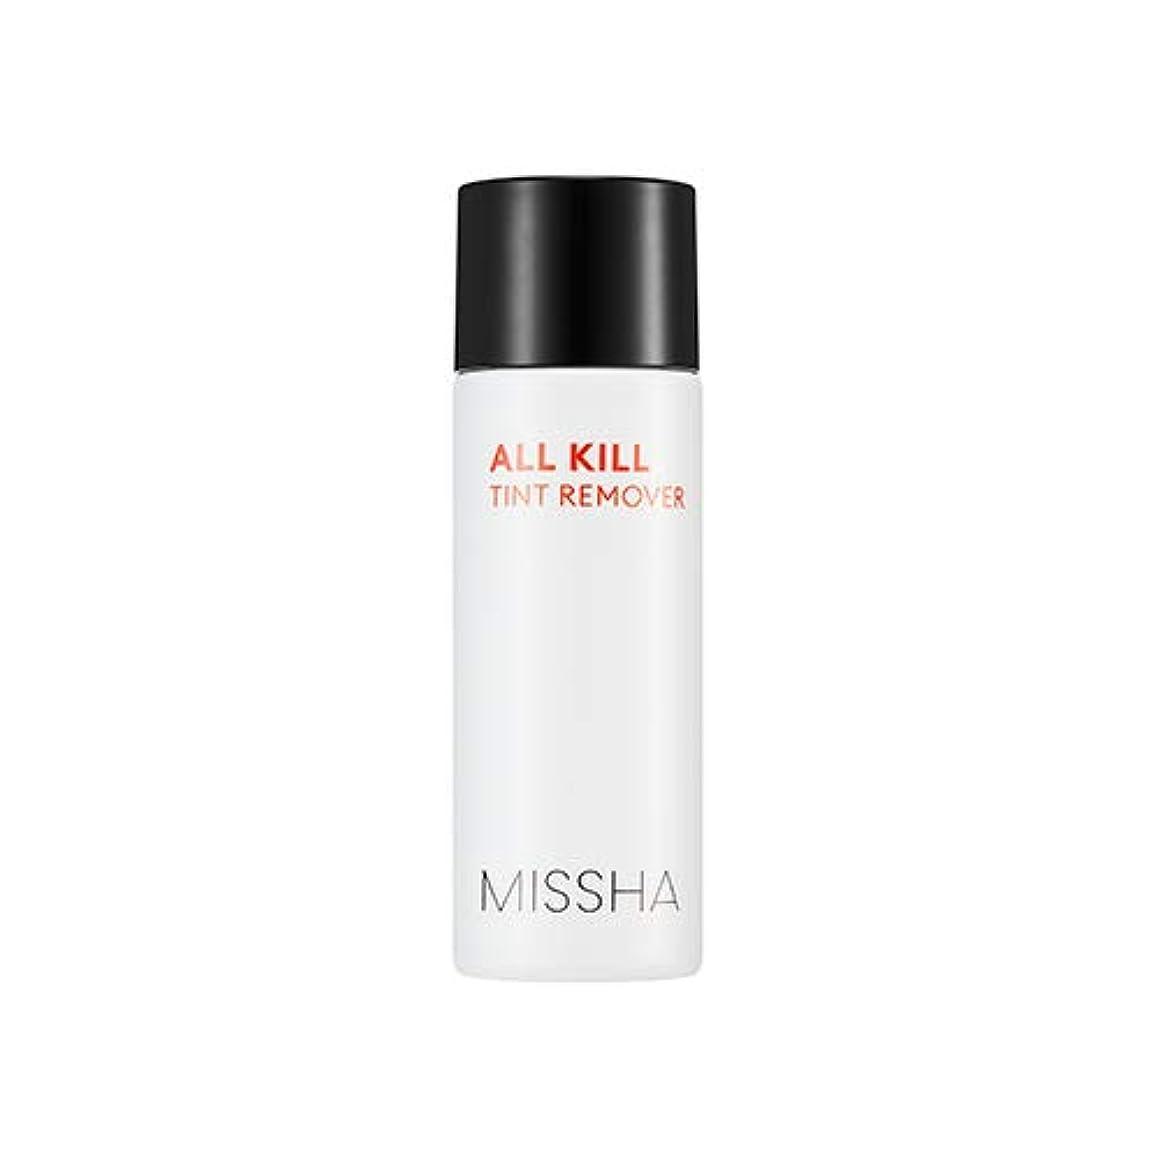 狭い力強い回想[1+1] ミシャ オールキルティントリムーバー/MISSHA ALL KILL TINT REMOVER 30ml*2ea [並行輸入品]